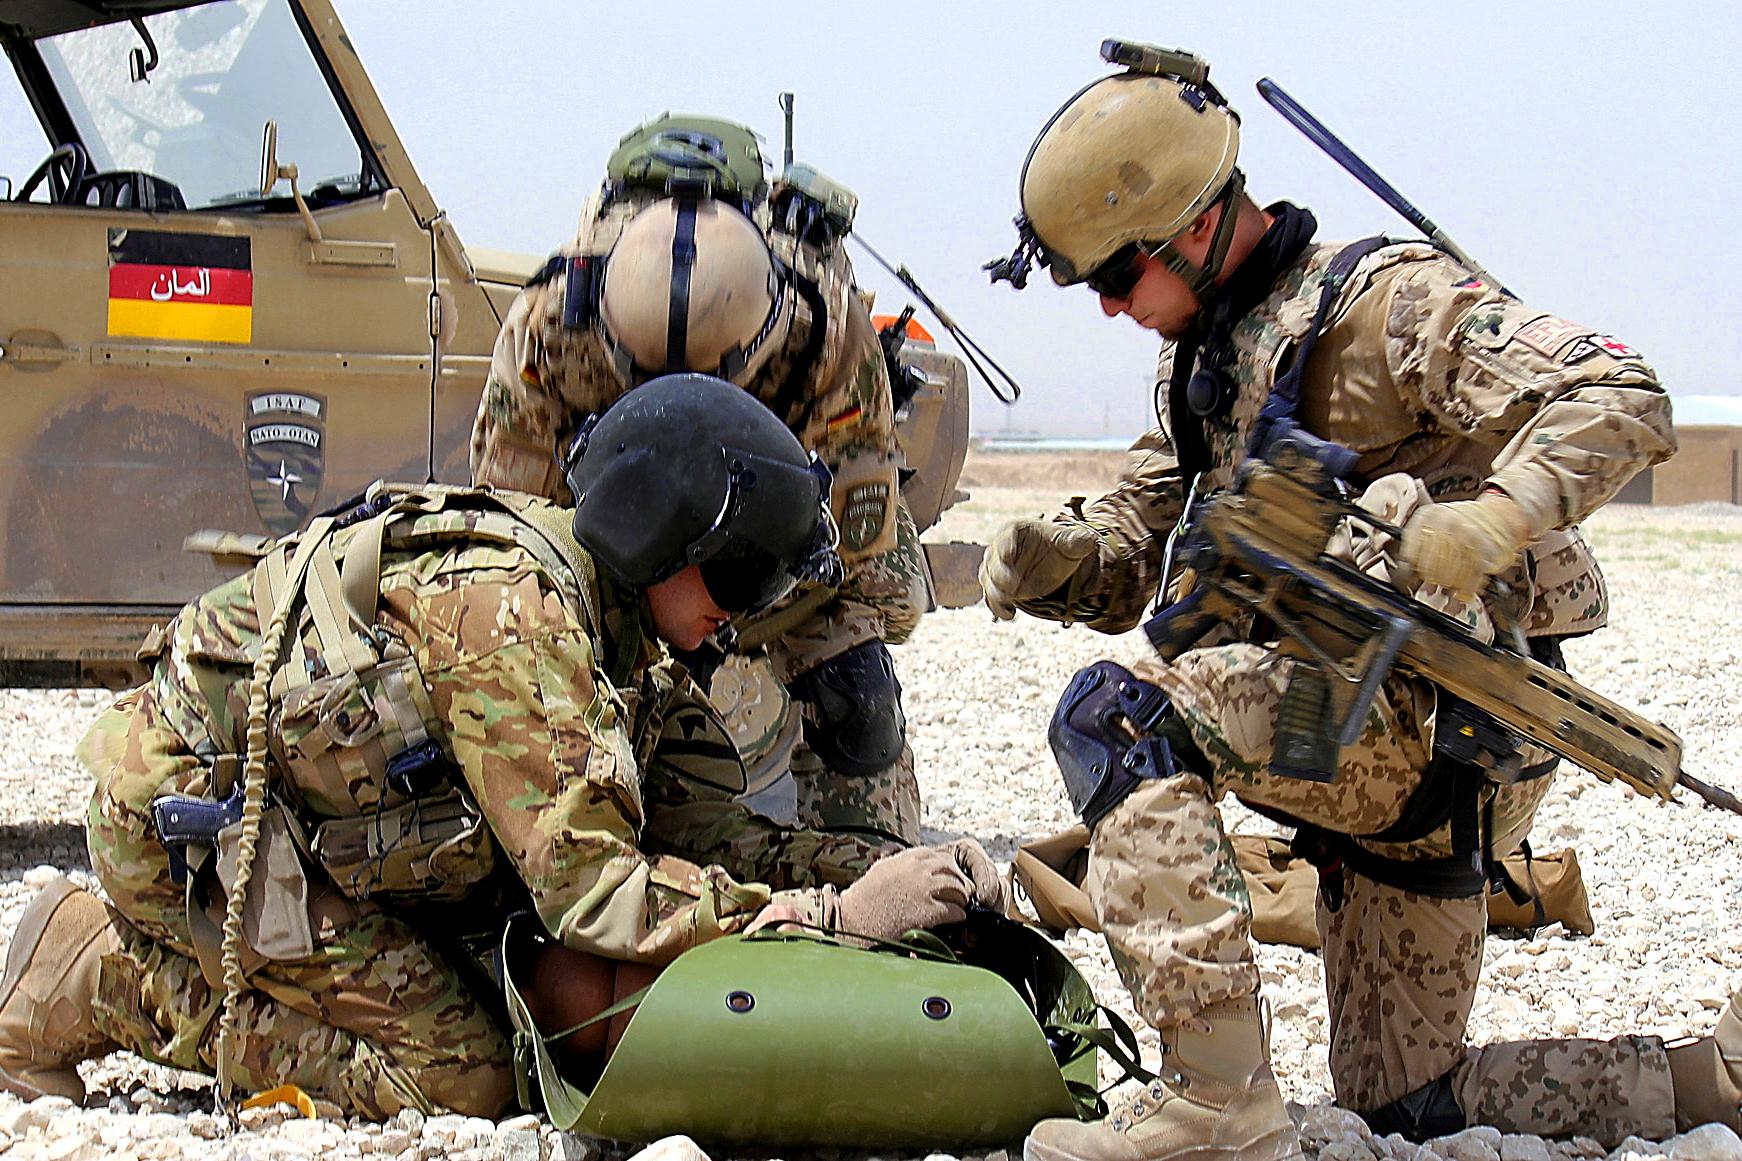 Almanya'nın Afganistan'daki askeri varlığı devam edecek